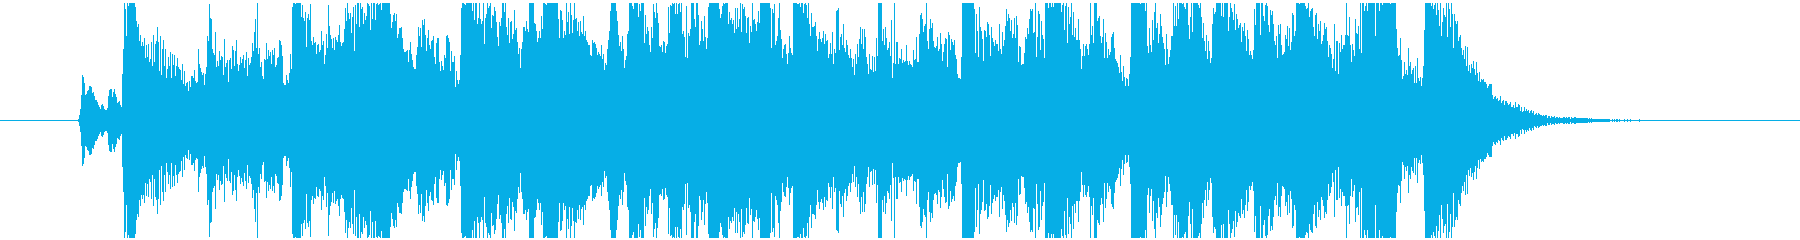 華やかなファンファーレですの再生済みの波形